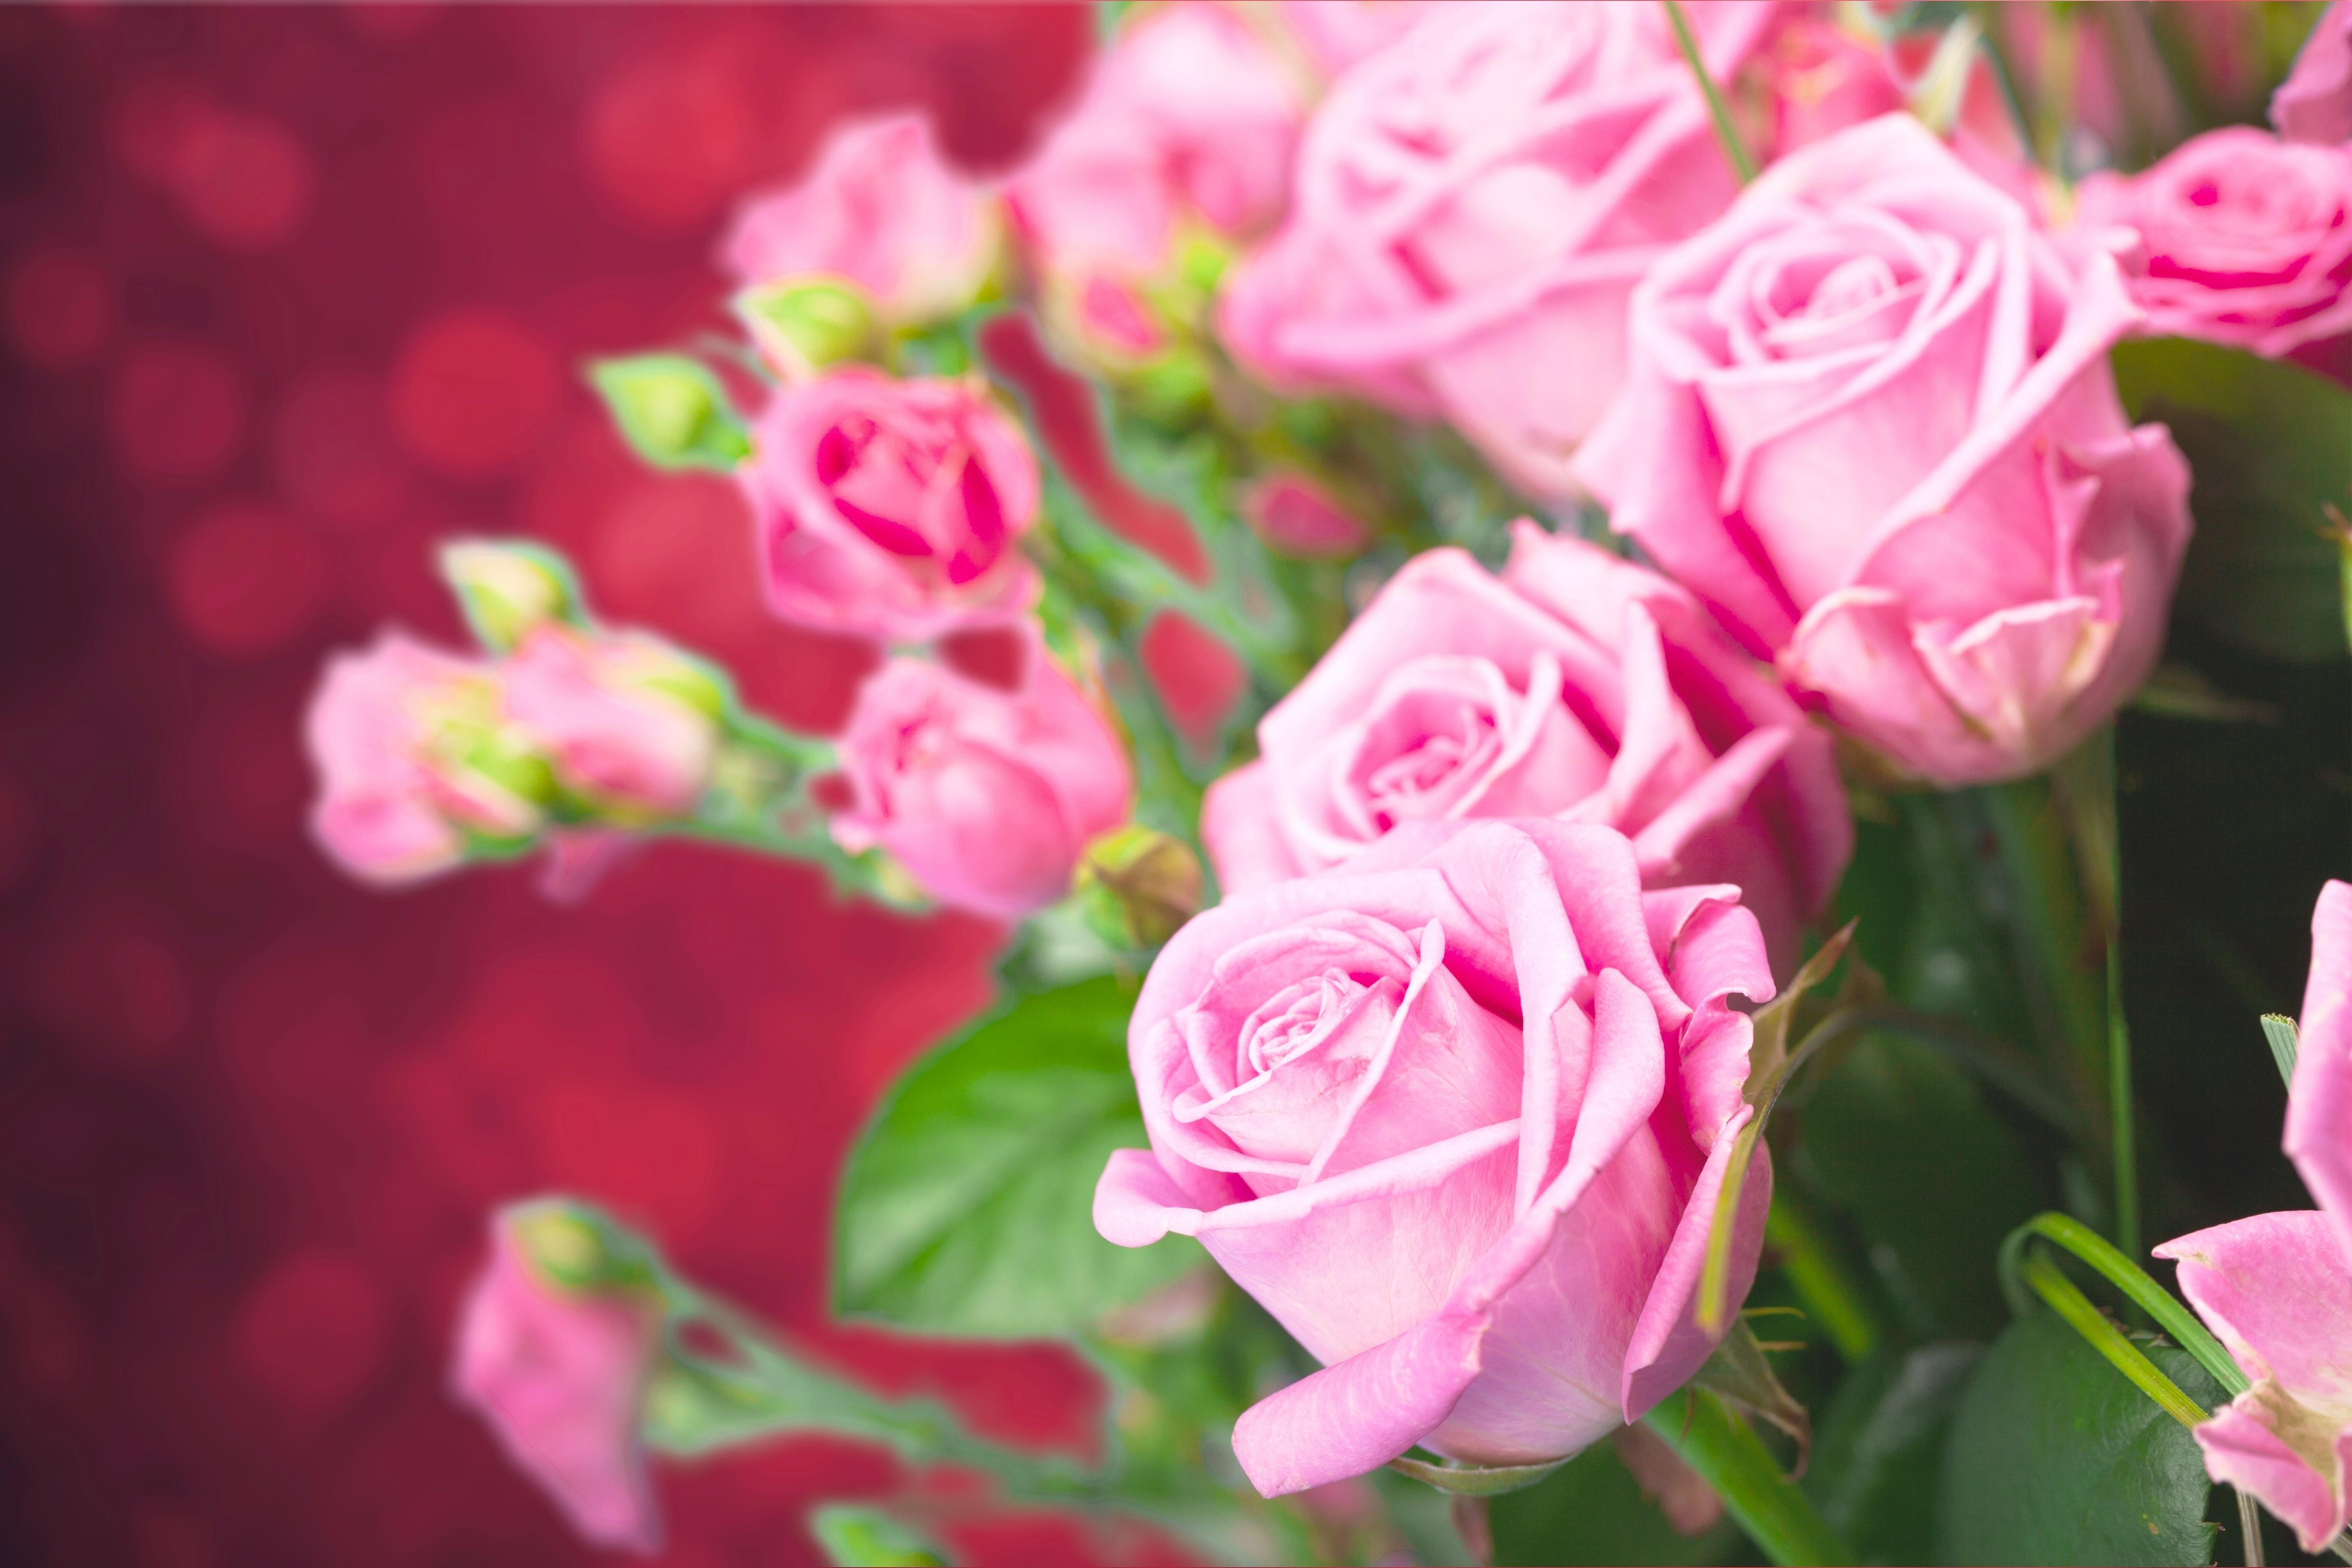 букет роз обои на рабочий стол в высоком качестве № 178077 загрузить